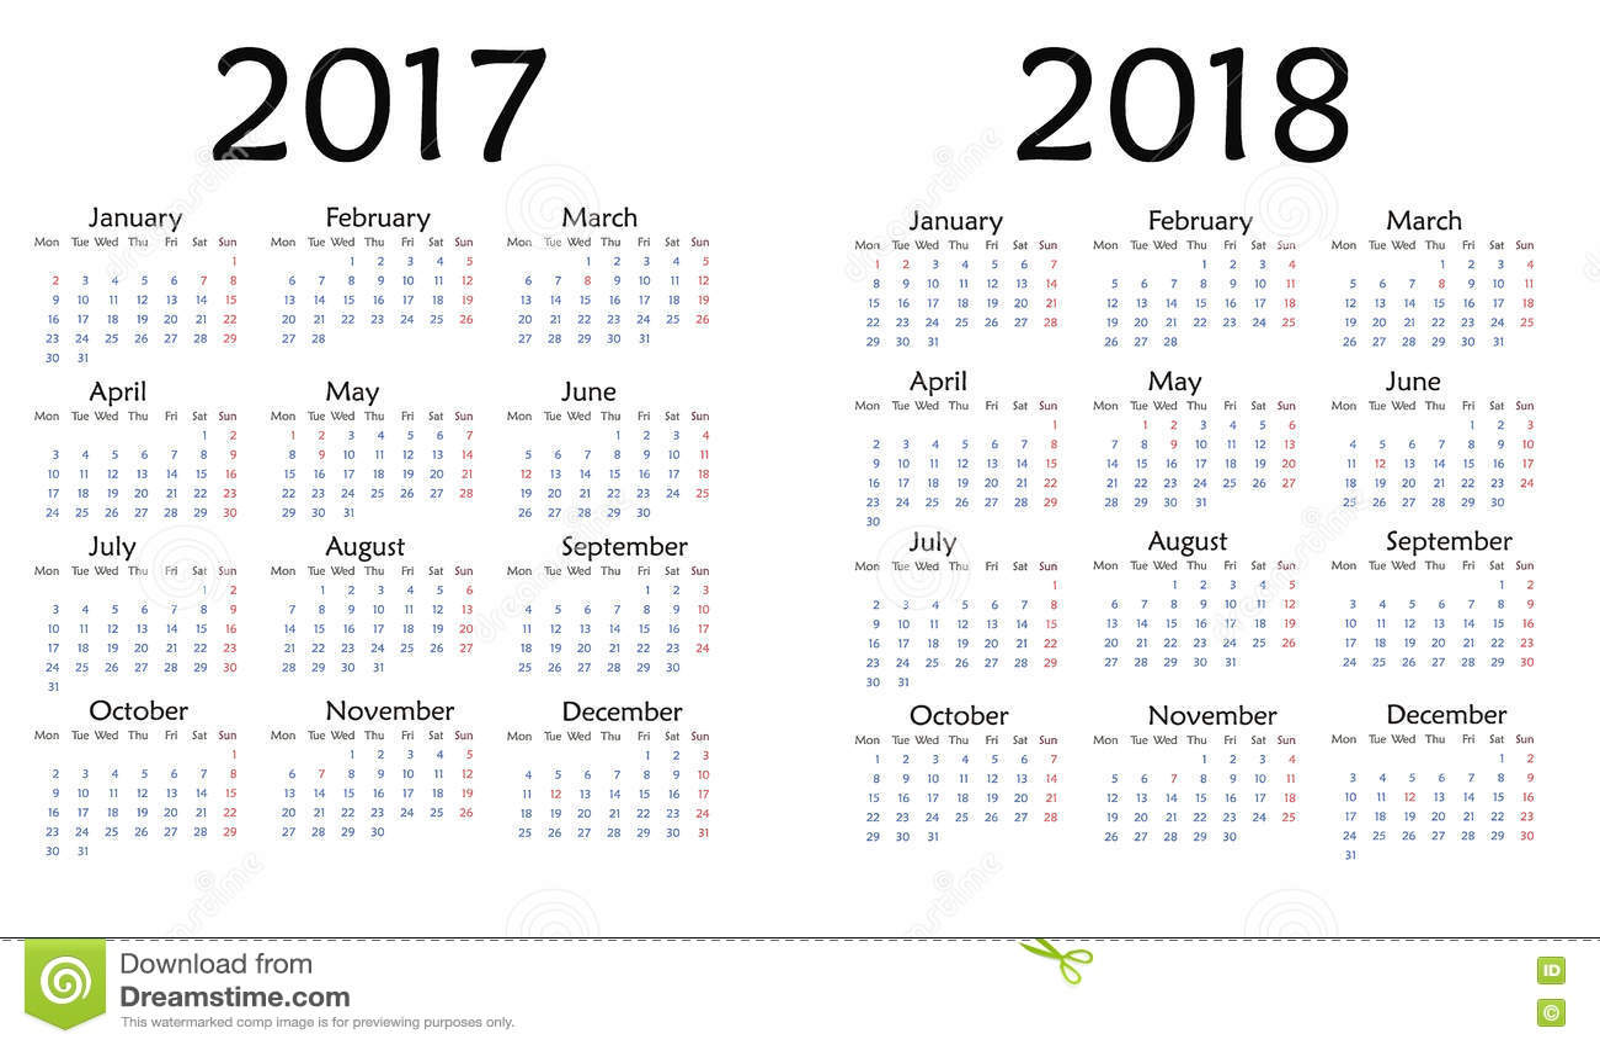 Календарь за июль 2017-2018